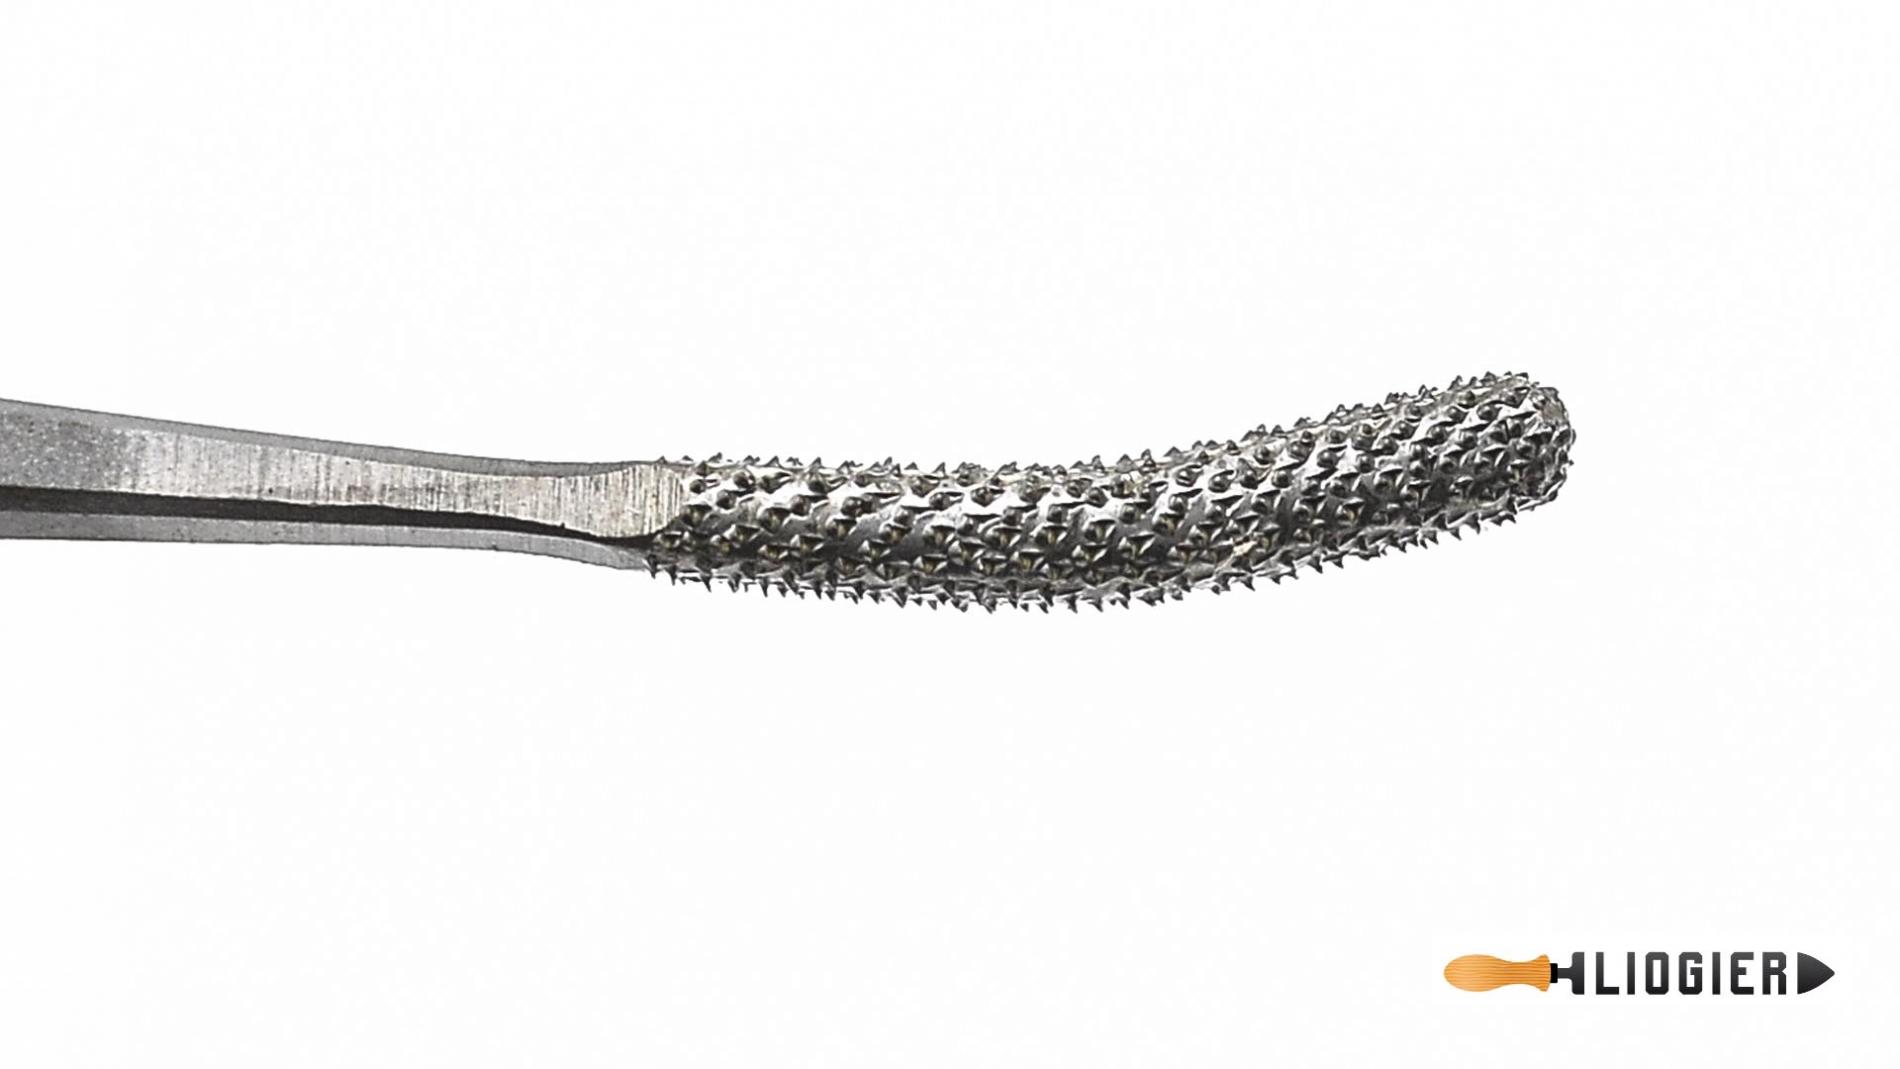 L150-8-15-Escofina de codillo 8 brocha y palo conico 150mm pique 15 Liogier L150-8-15-max-3.